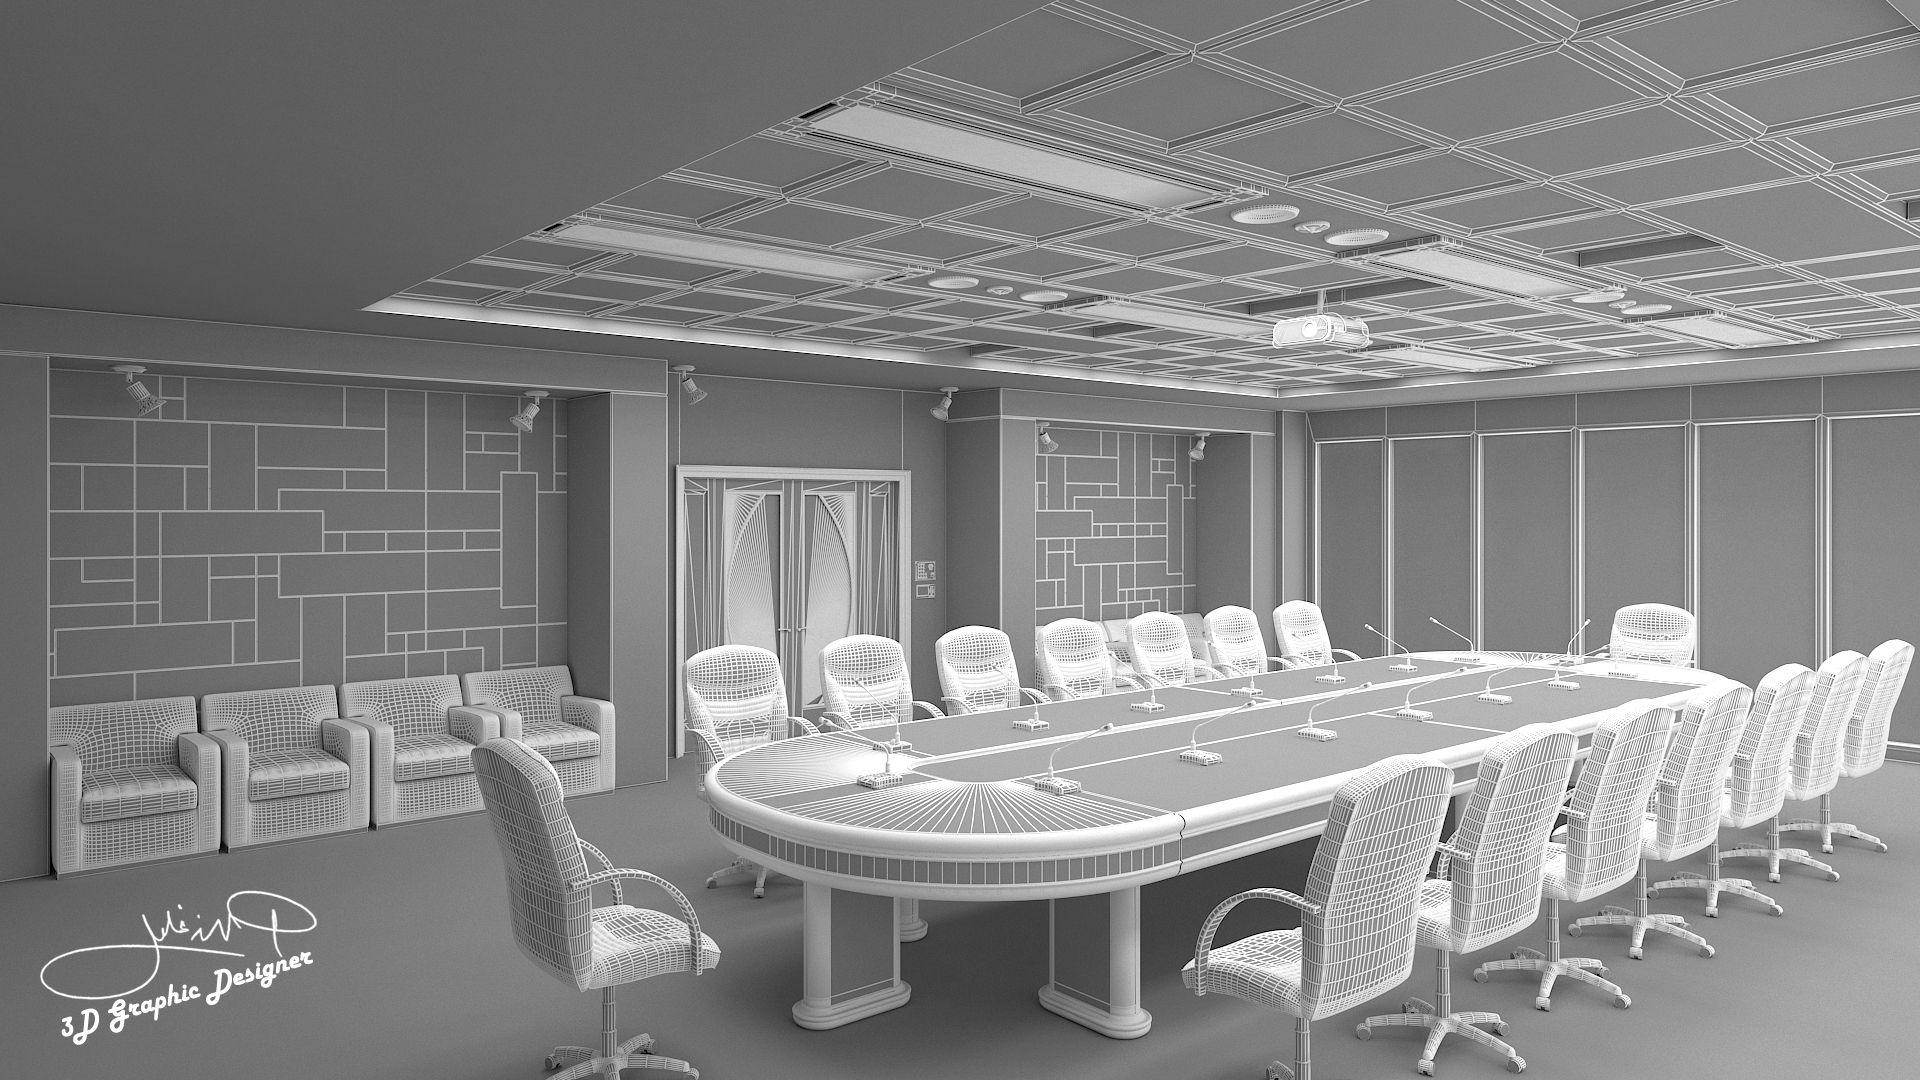 Meeting room interior design implemented in Qatar  Designed